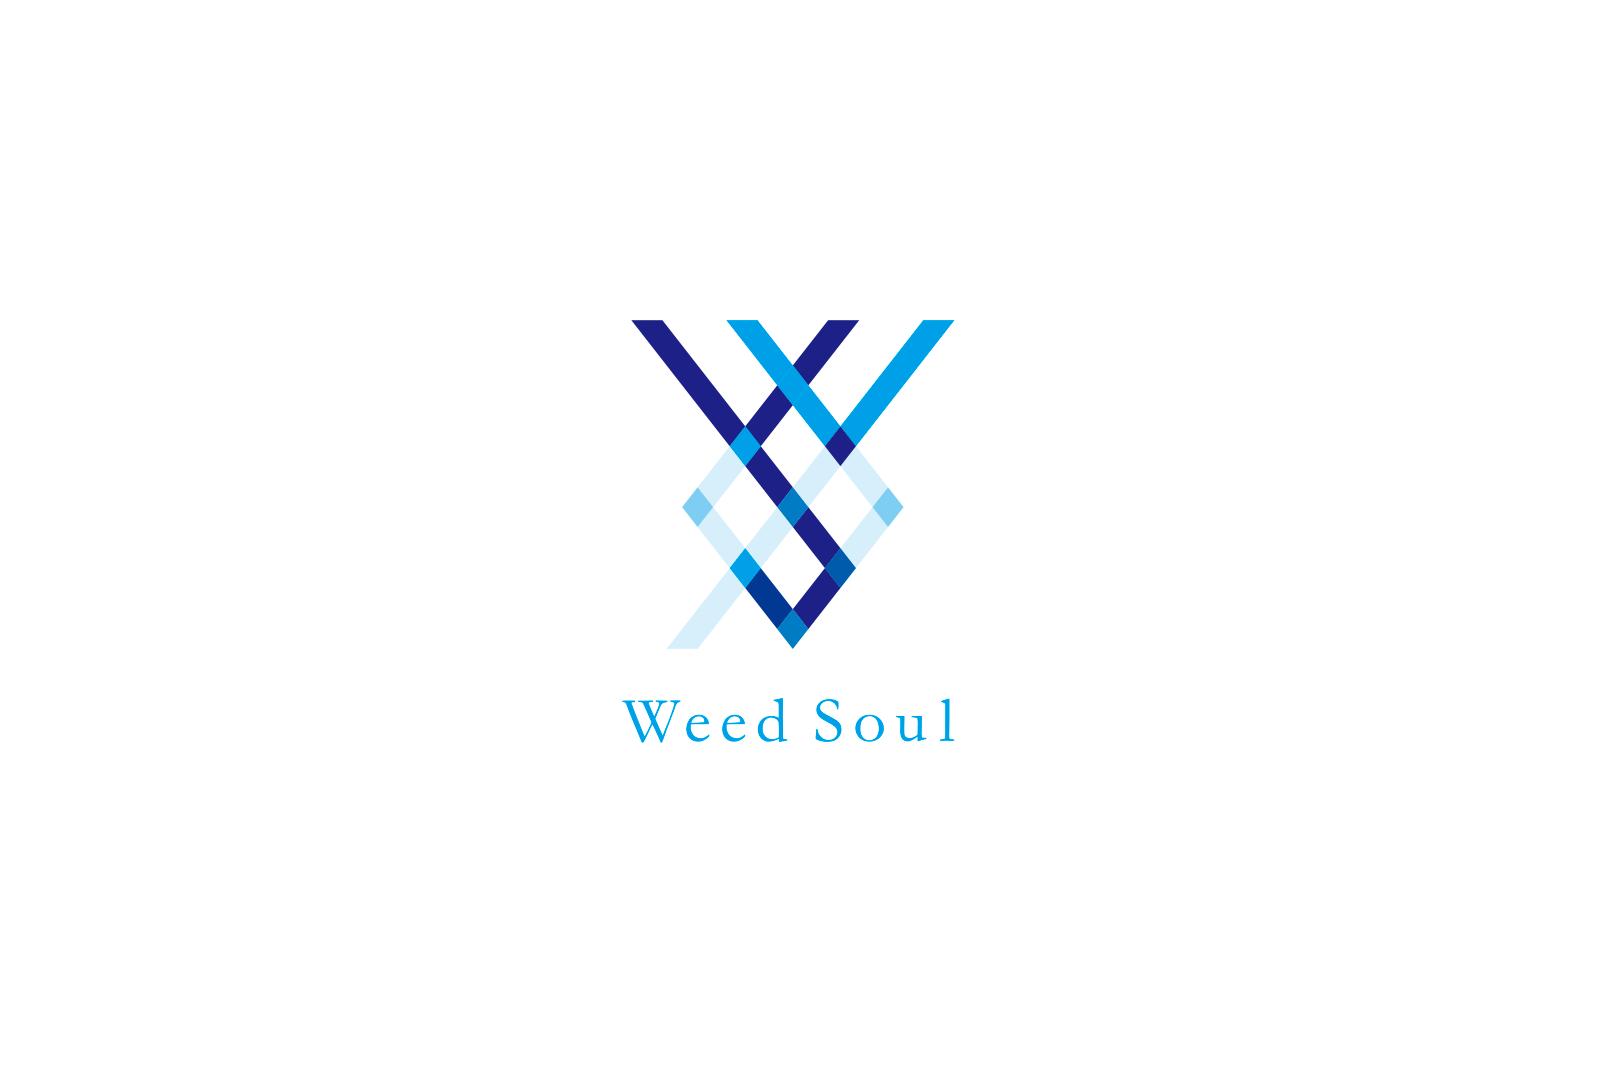 Weed Soul